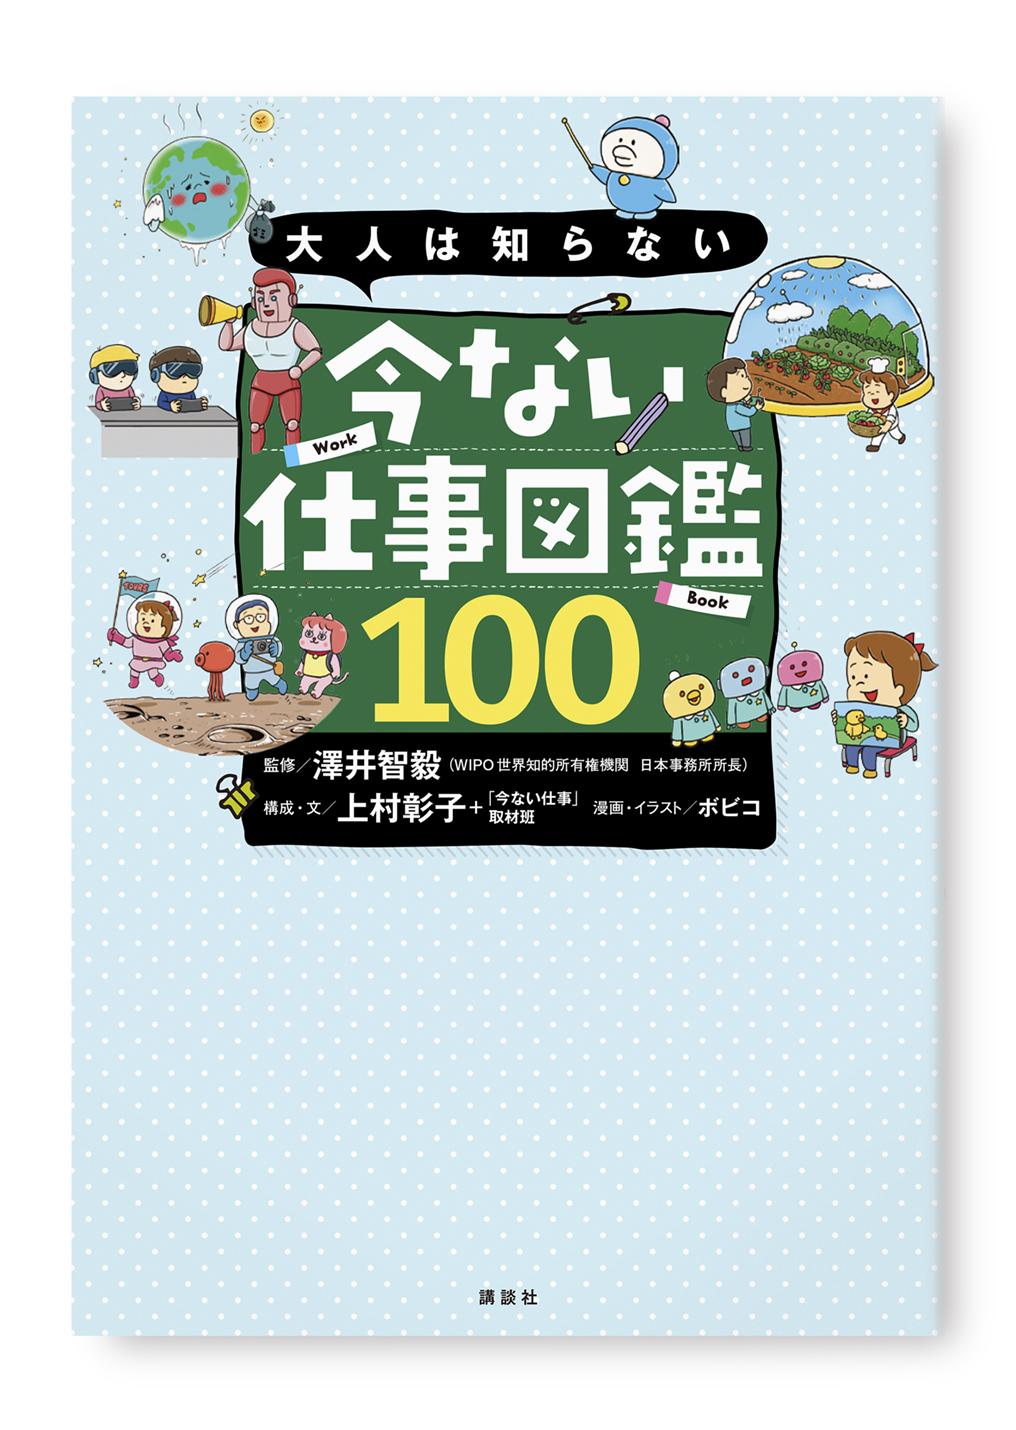 今ない仕事図鑑100